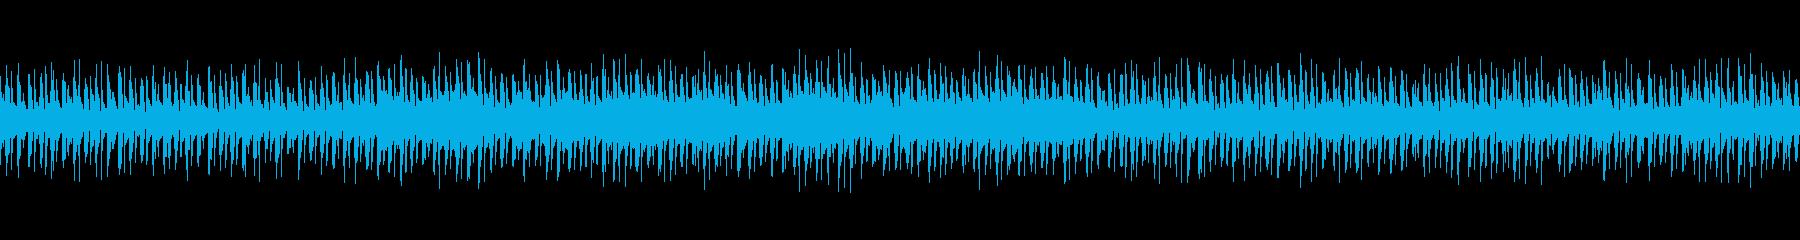 ほのぼのしたわくわく感のあるアコギBGMの再生済みの波形